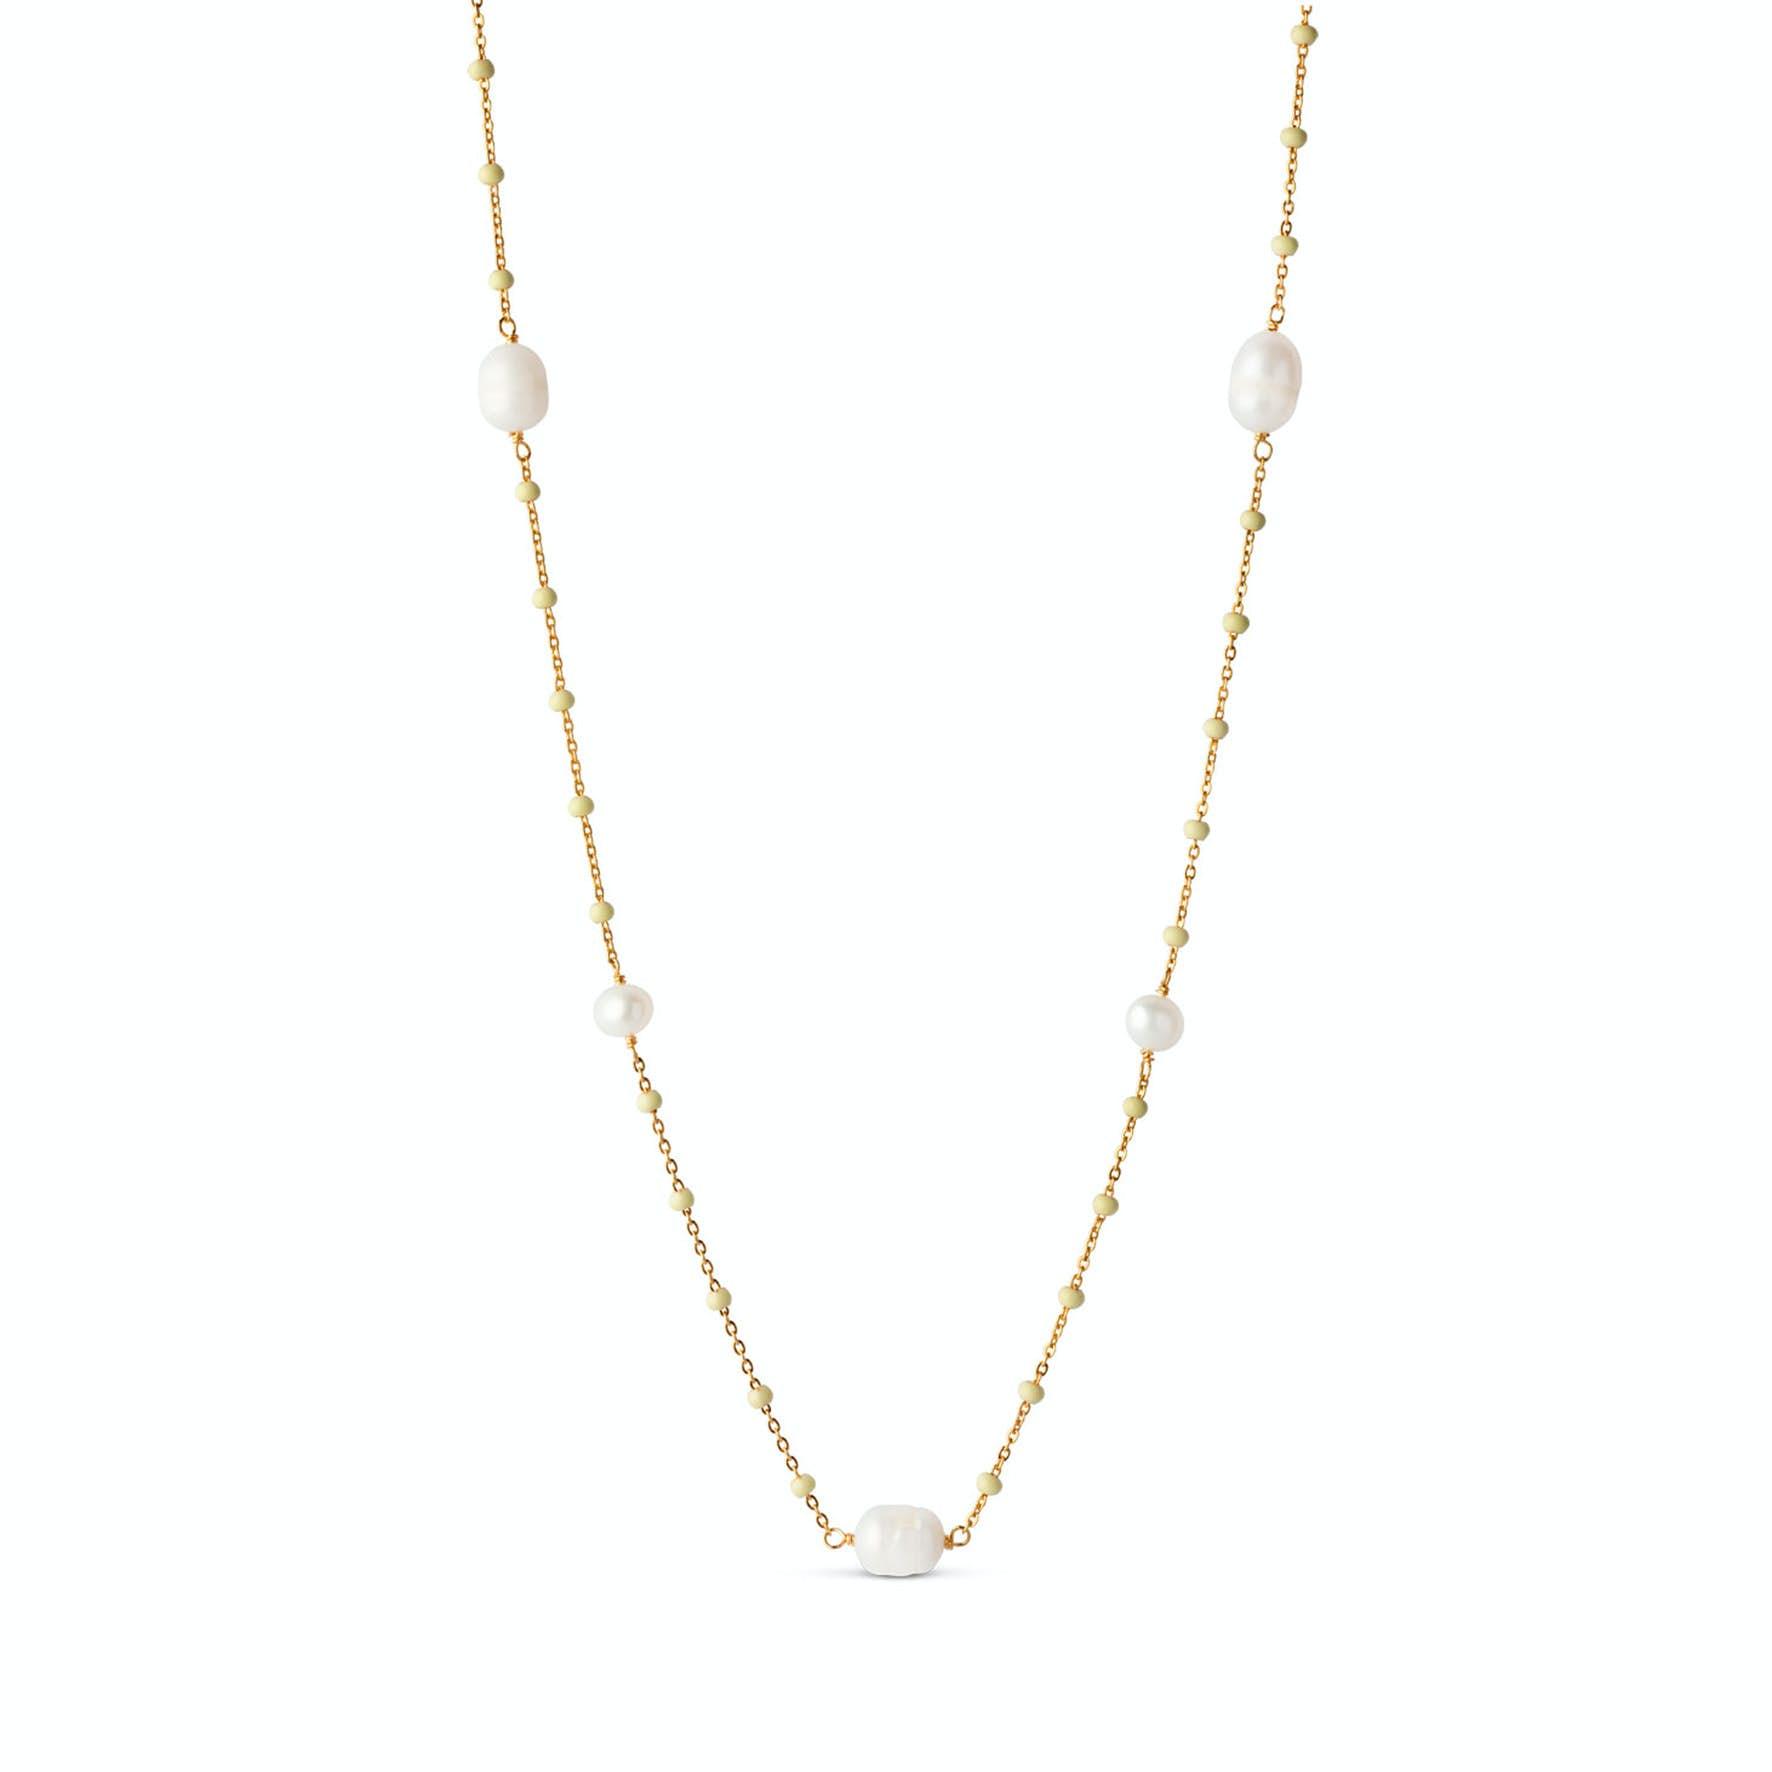 Lola Perlita Necklace Lemone Pearl from Enamel Copenhagen in Goldplated-Silver Sterling 925